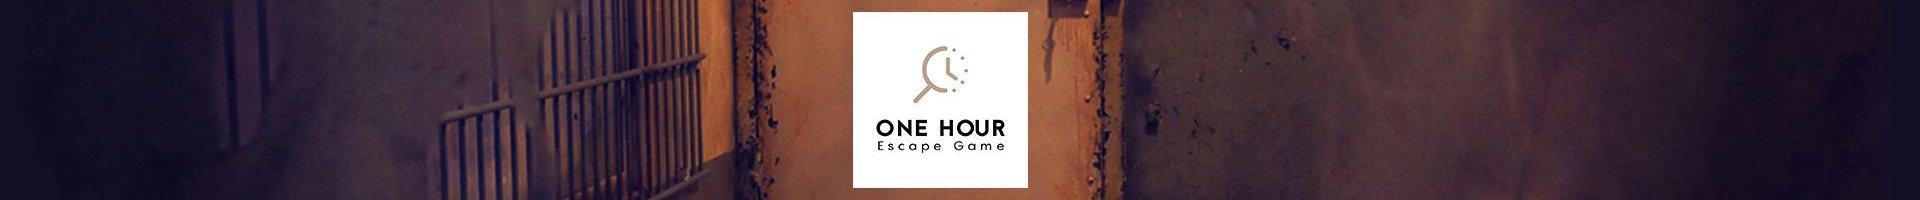 escape game horreur l'abattoir de one hour.jpg